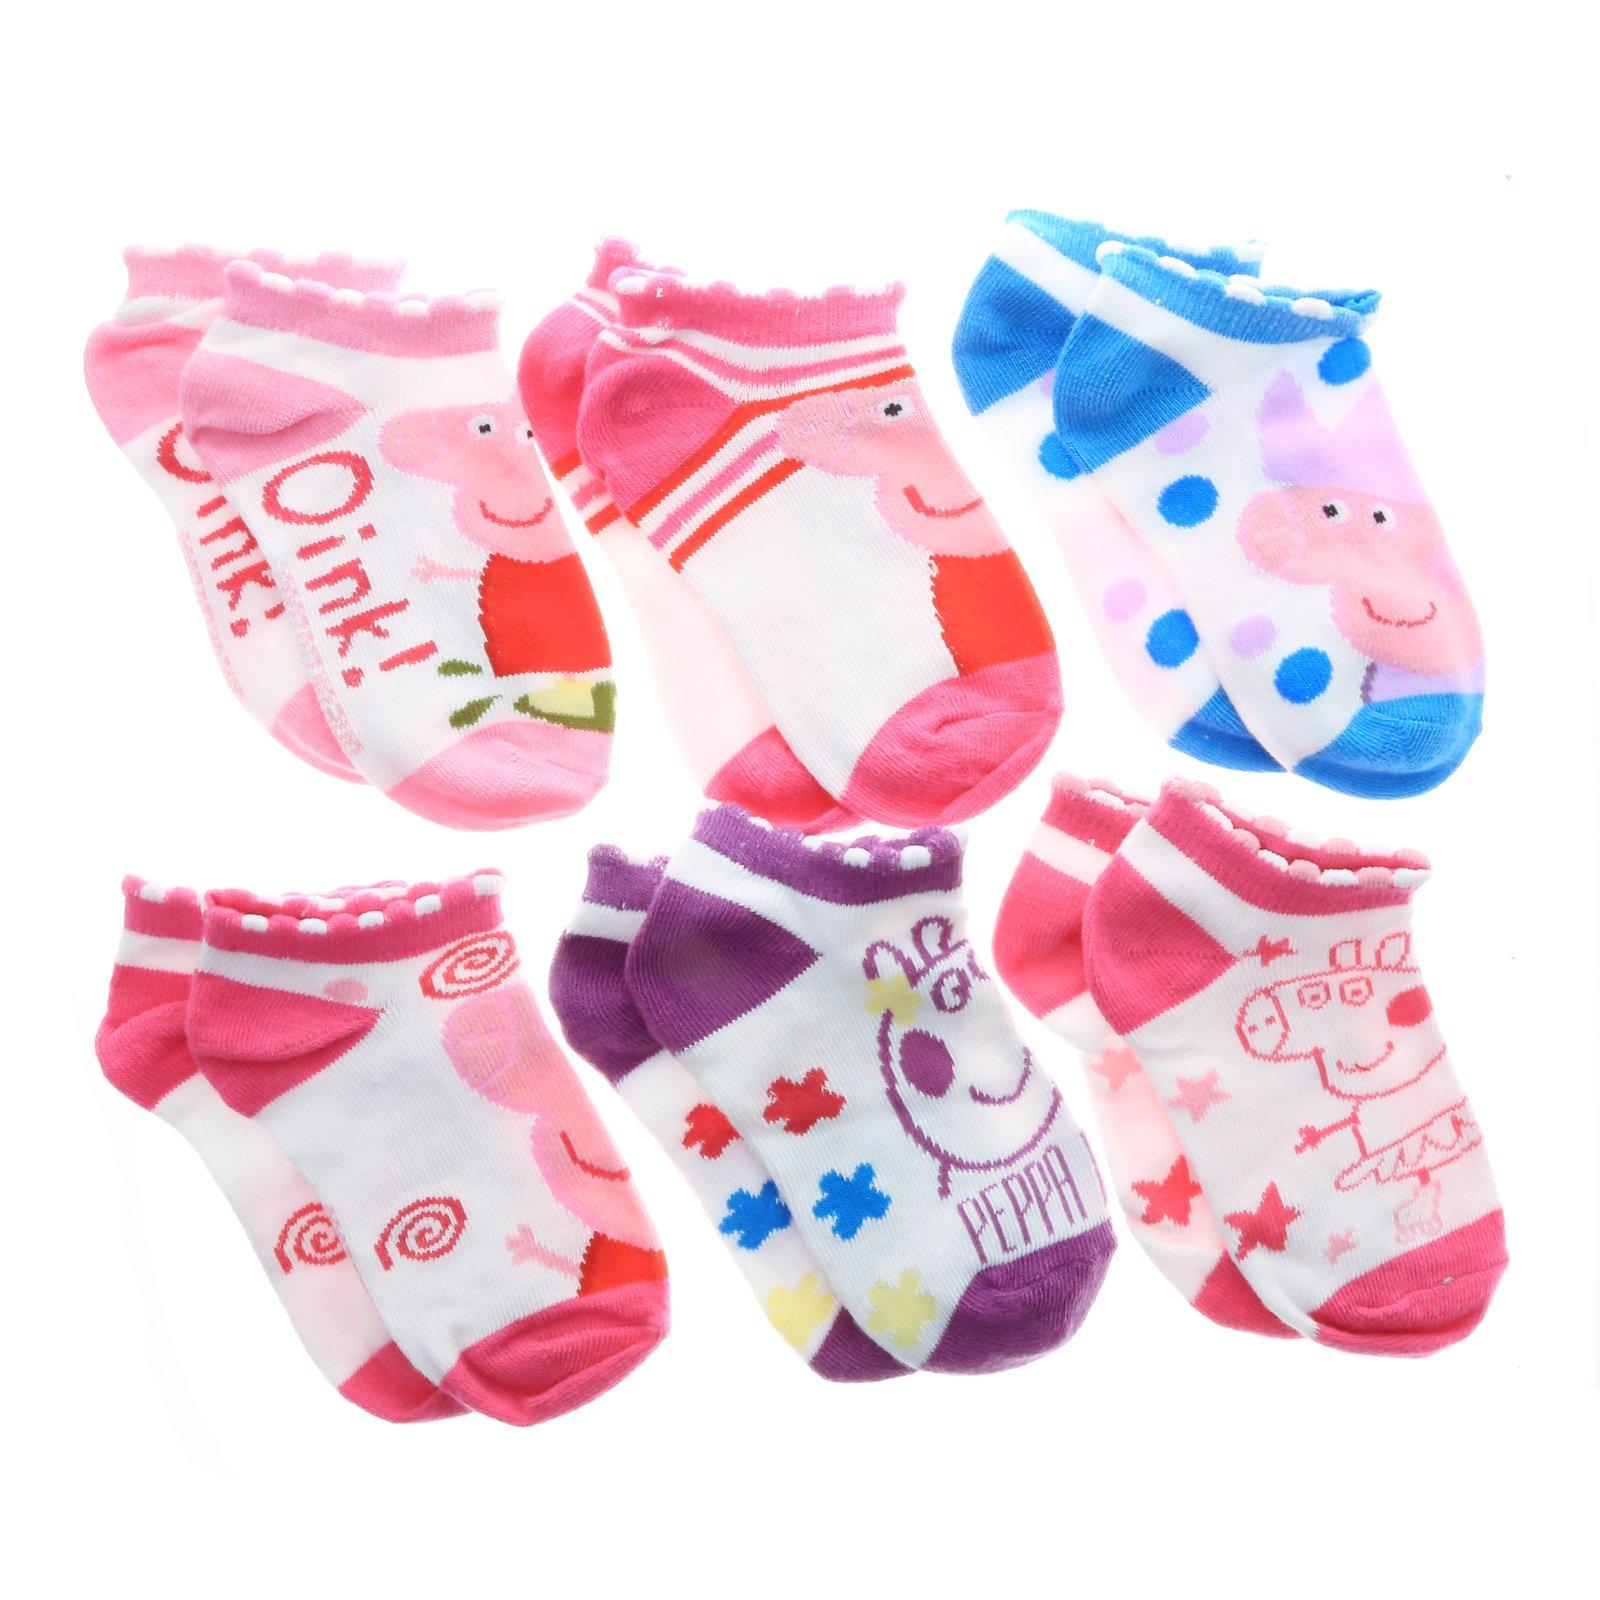 Peppa Pig Girl Crew Fit 6 Pack Toddler Sock Set